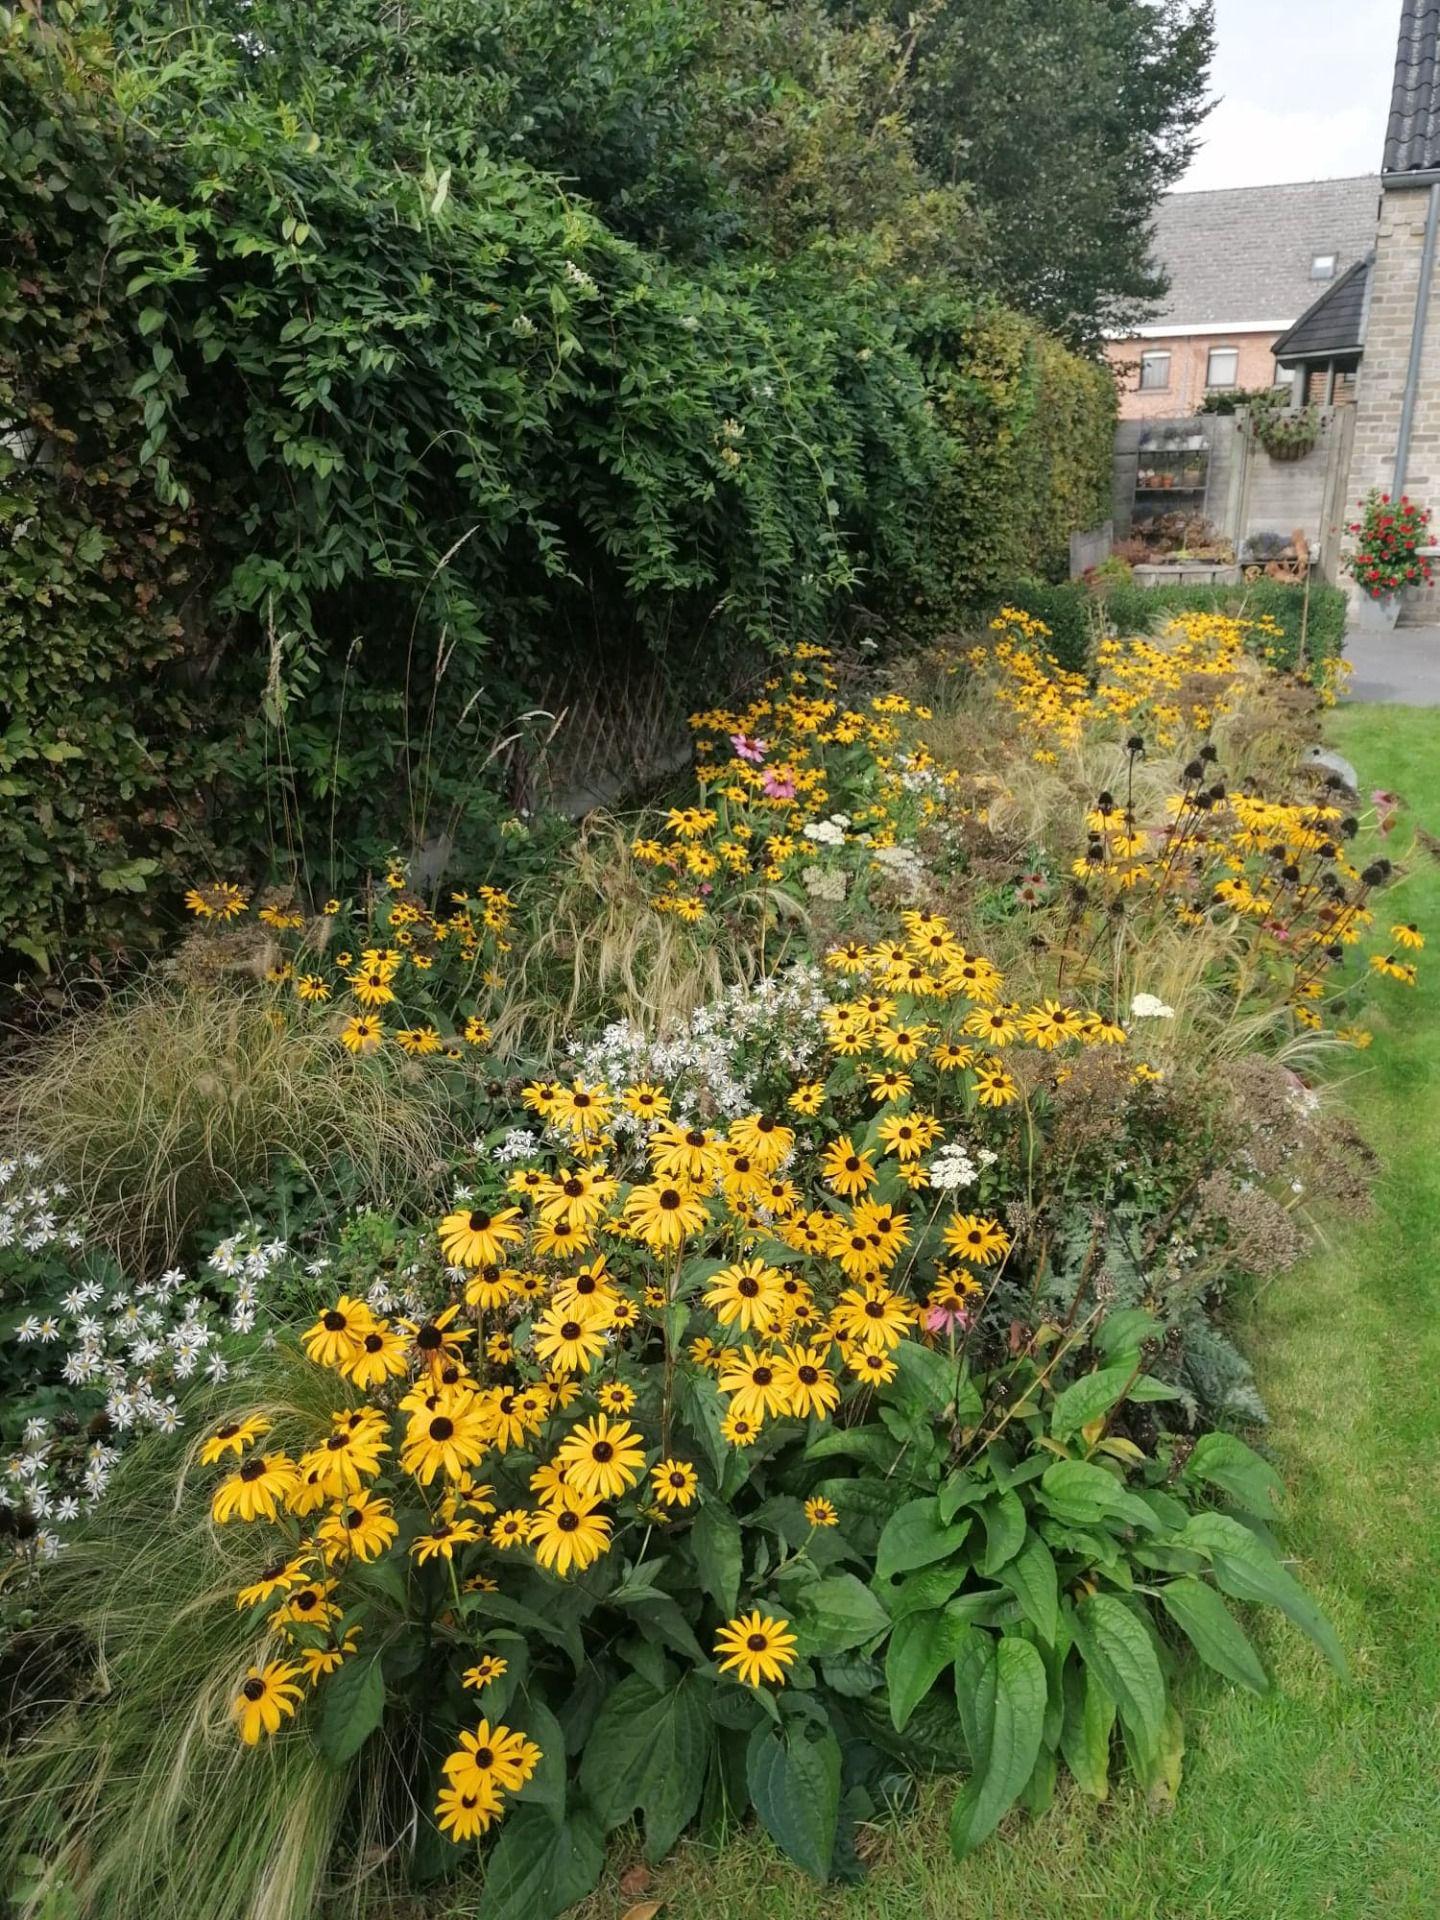 Borderpakket dries invalshoek tuinplanten aanplanten